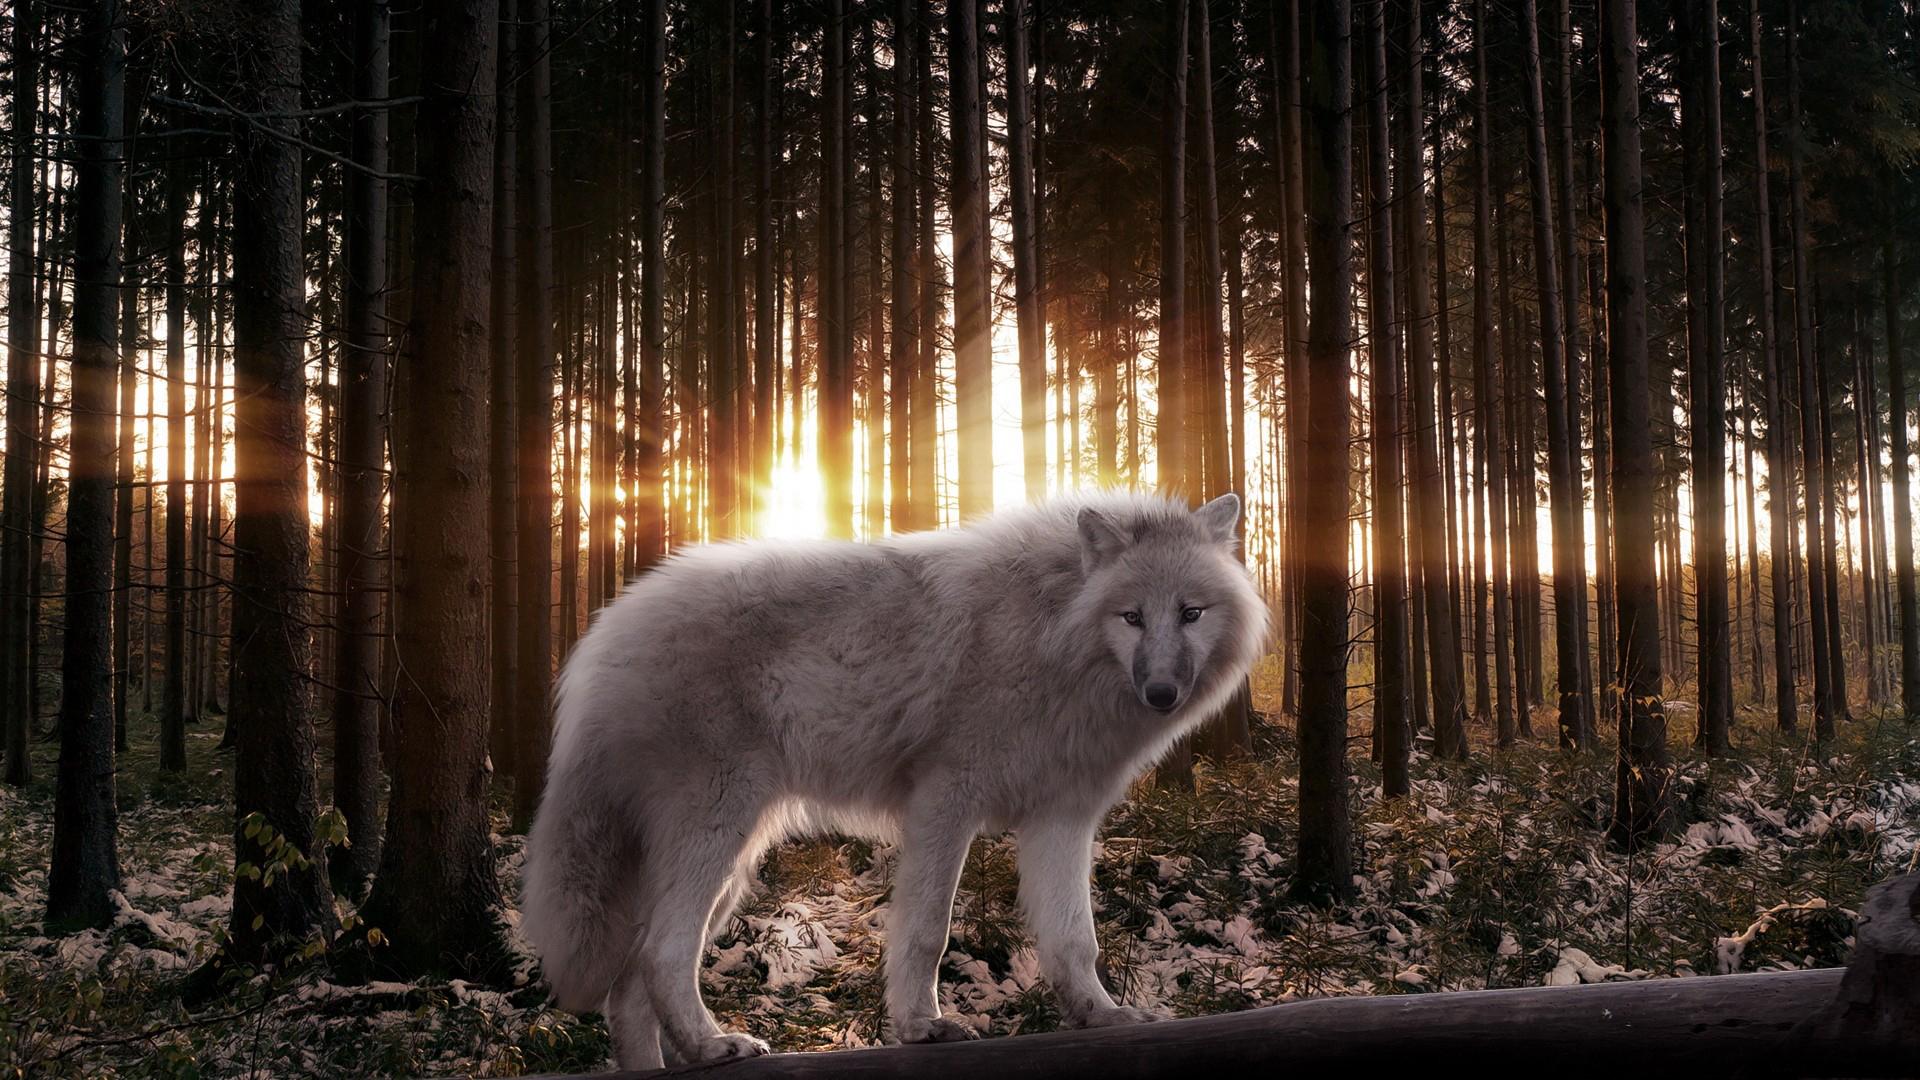 28661 Hintergrundbild herunterladen Tiere, Wölfe - Bildschirmschoner und Bilder kostenlos